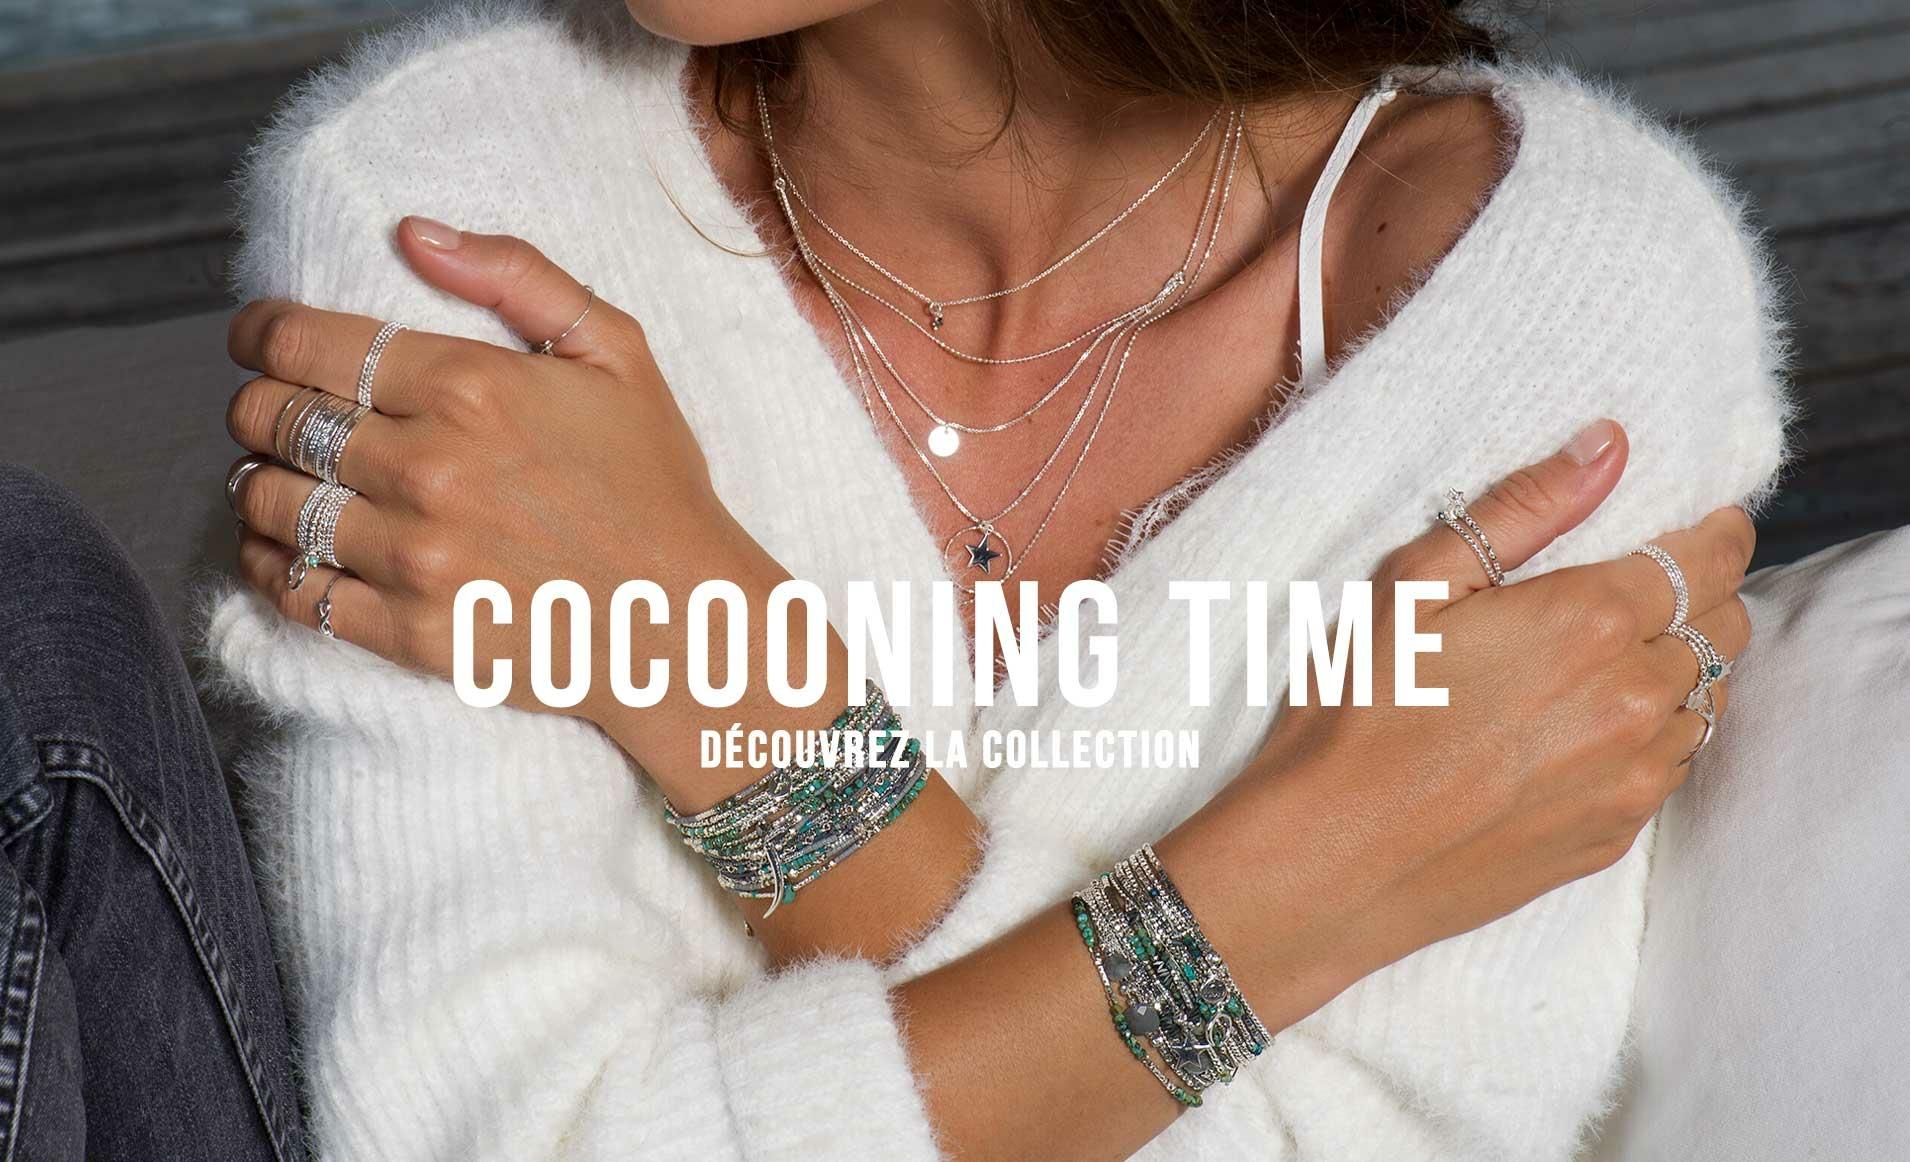 Bandeau-COCOONING-TIME1-DSC_5217